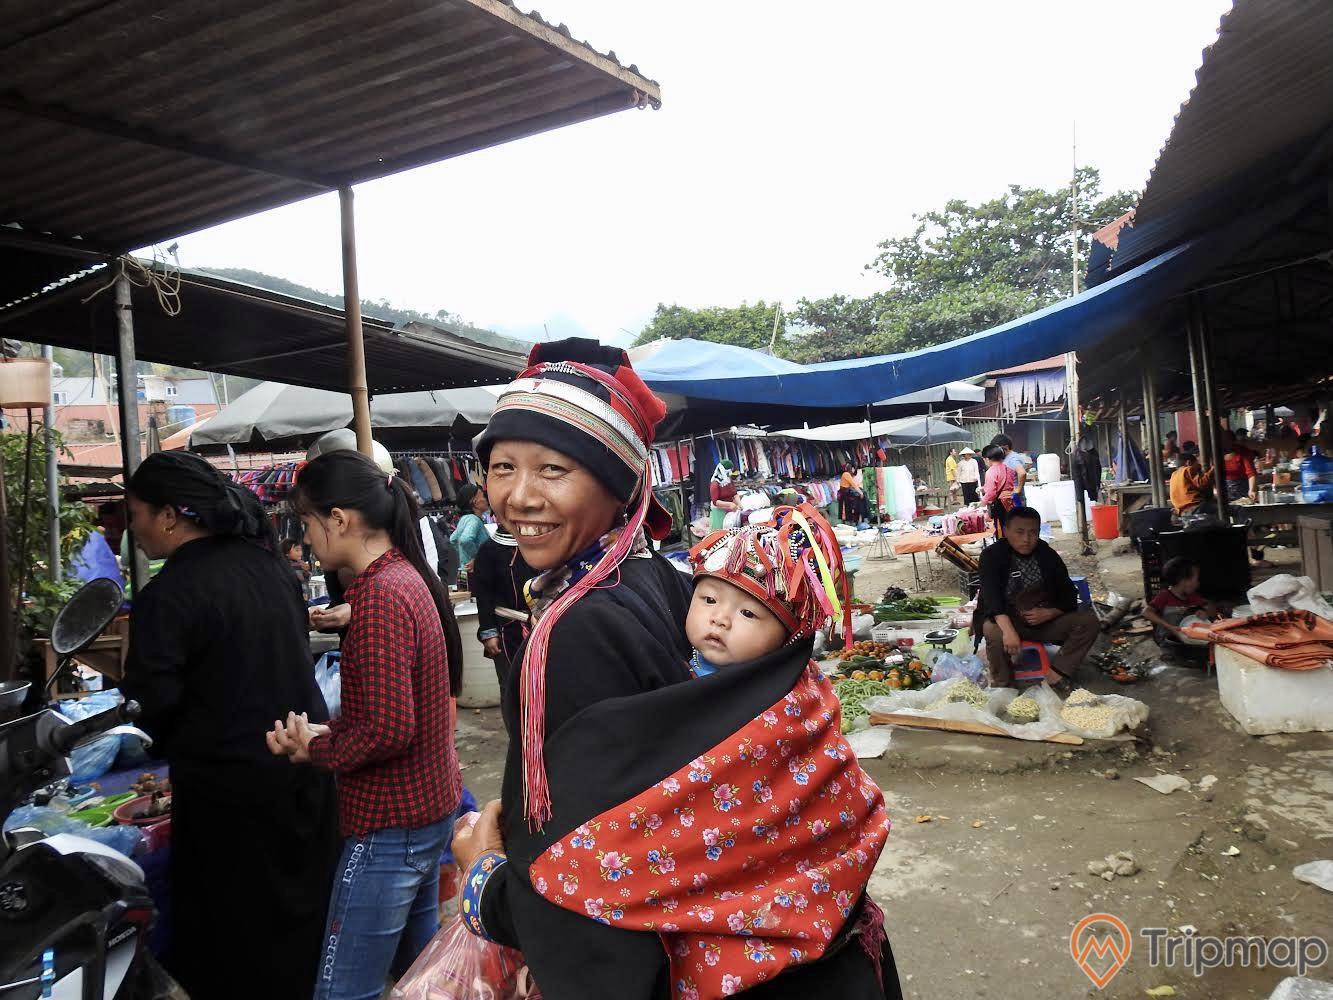 Chợ phiên ở ruộng bậc thang Hoàng Su Phì, người phụ nữ tươi cười địu con trên lưng, hàng quán buôn bán tại chợ phiên, bầu trời nhiều mây, ảnh chụp ngoài trời